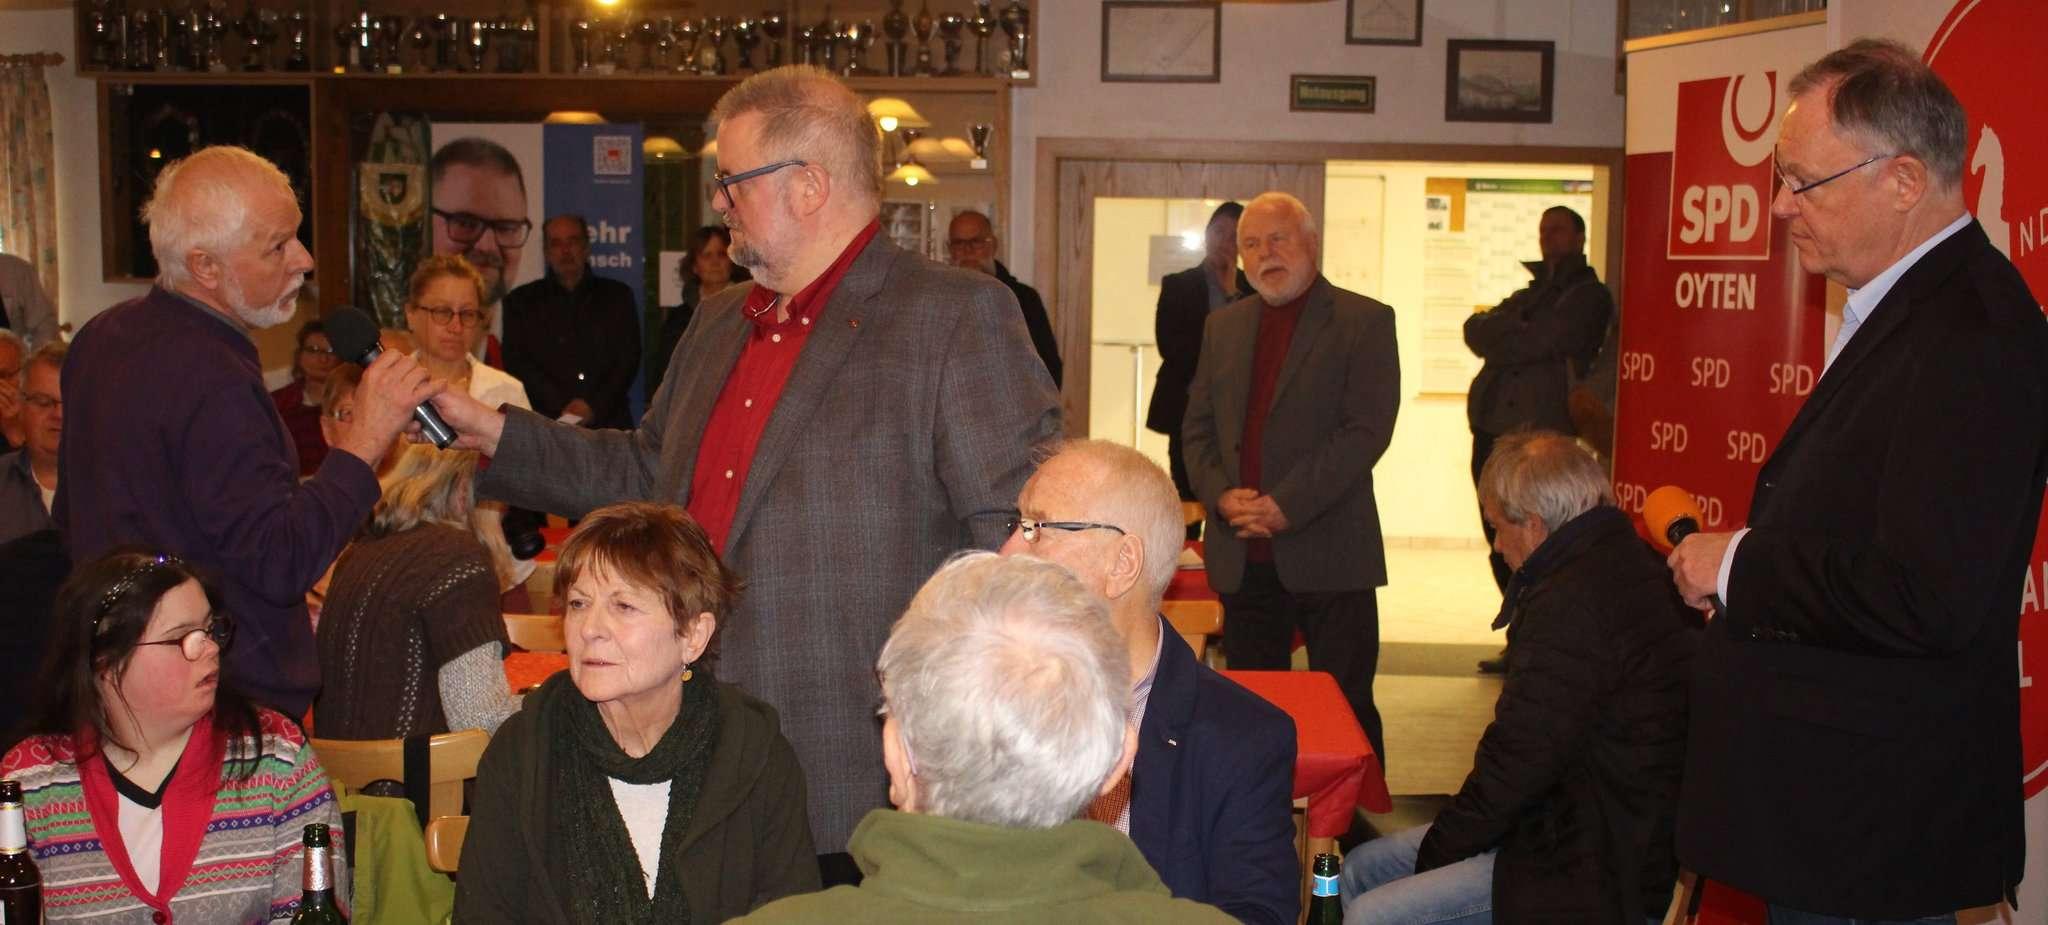 Stephan Weil (rechts) hörte sich die Fragen der Besucher an. Oytens Vize-Bürgermeister Heiko Oetjen (Mitte) sorgte dafür, dass auch alle Gehör fanden. Foto: Henning Leeske